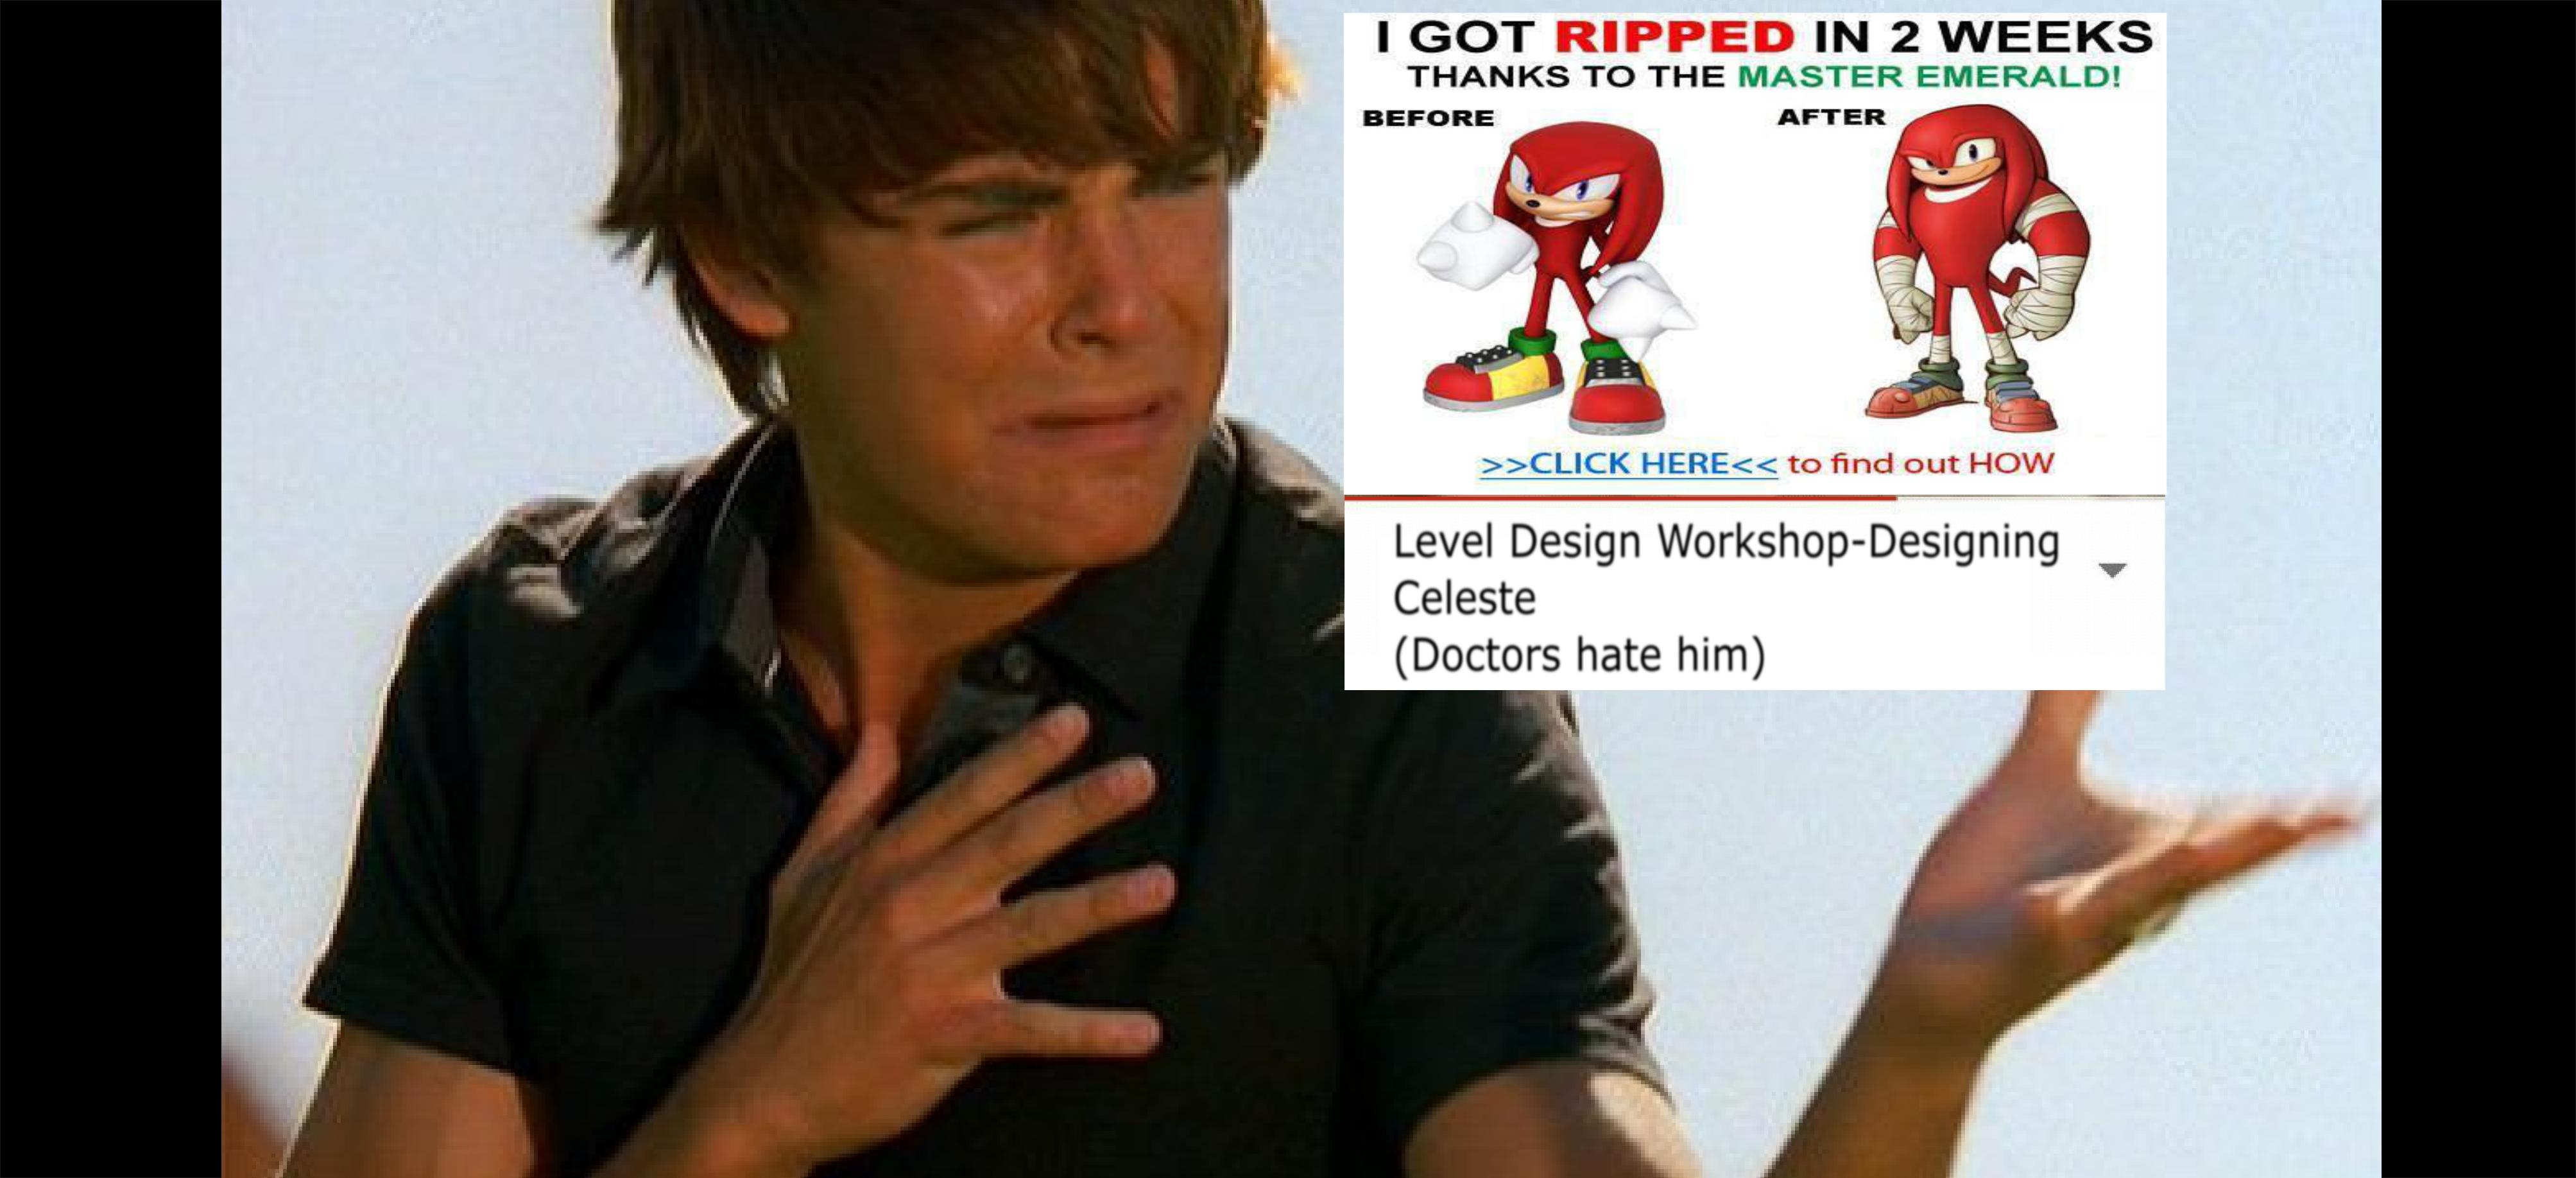 Video Peeks: GDC Level Design Workshop-Designing Celeste